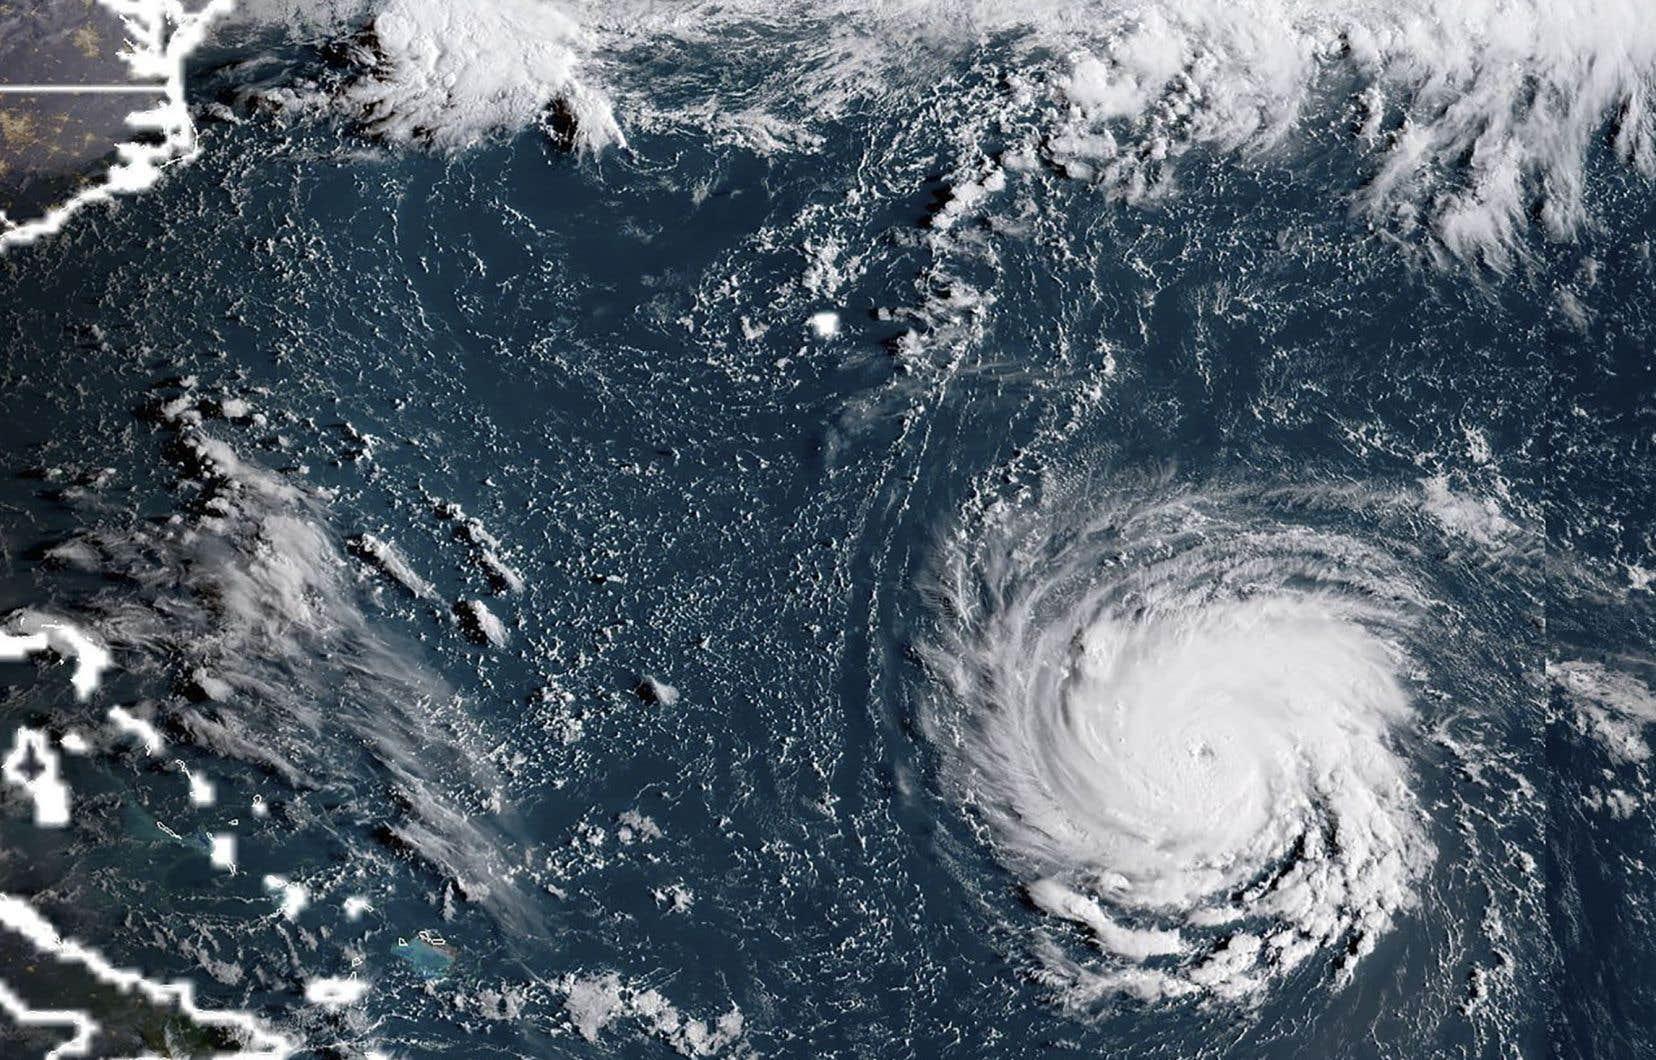 Les météorologues craignent qu'il ne frappe la côte est des États-Unis, quelque part entre les Carolines et le New Jersey.